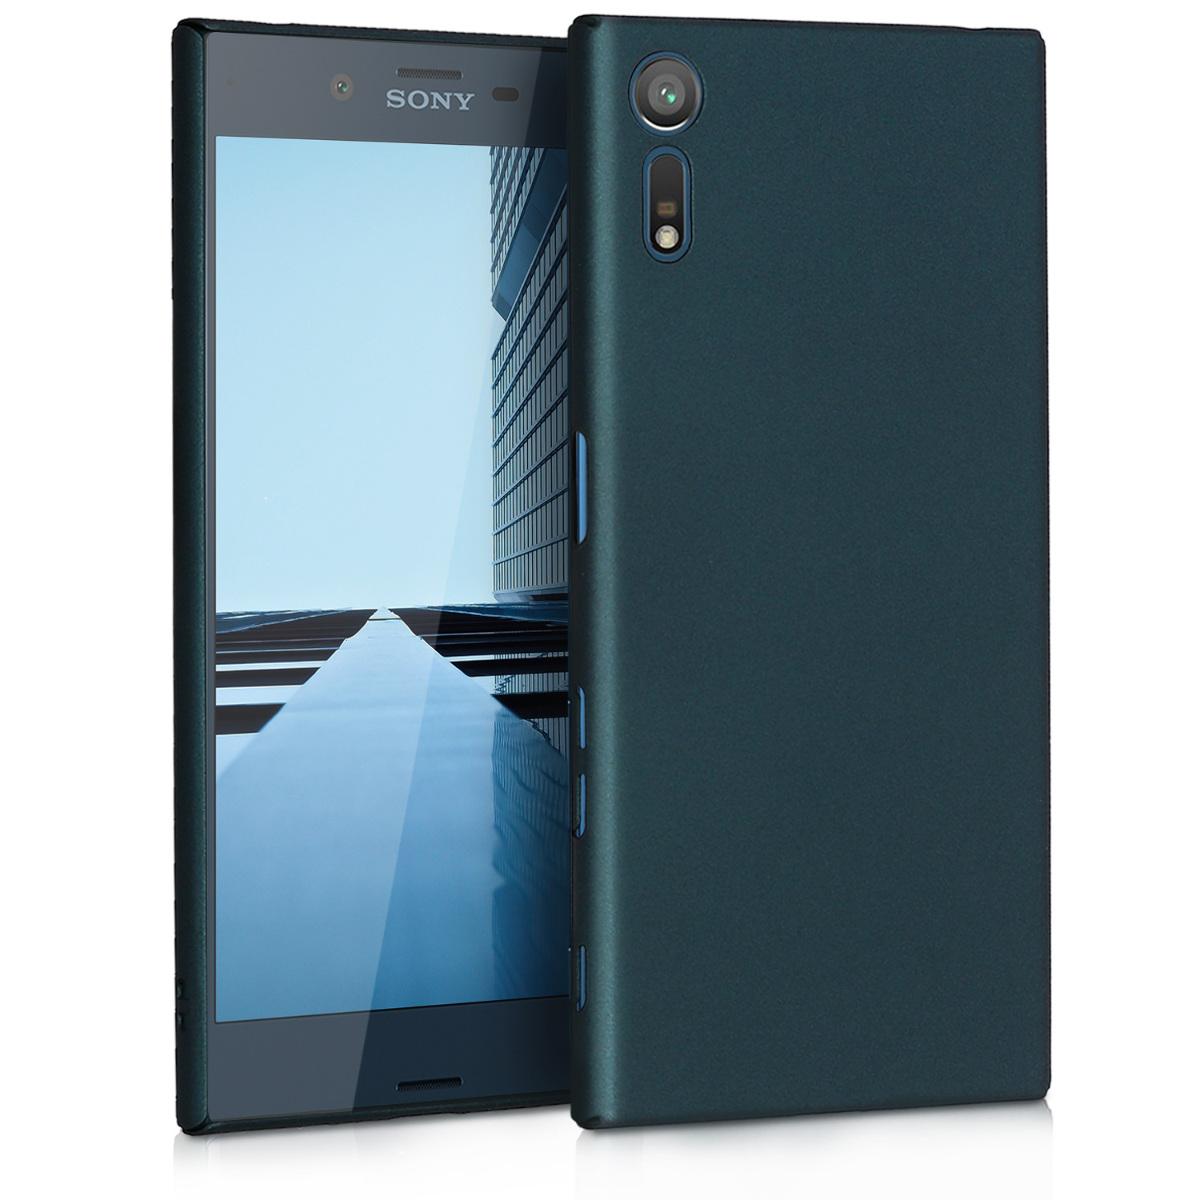 KW Slim Anti-Slip Cover - Σκληρή Θήκη Καουτσούκ Sony Xperia XZ / XZs - Τυρκουαζ μεταλλικό (42871.14)